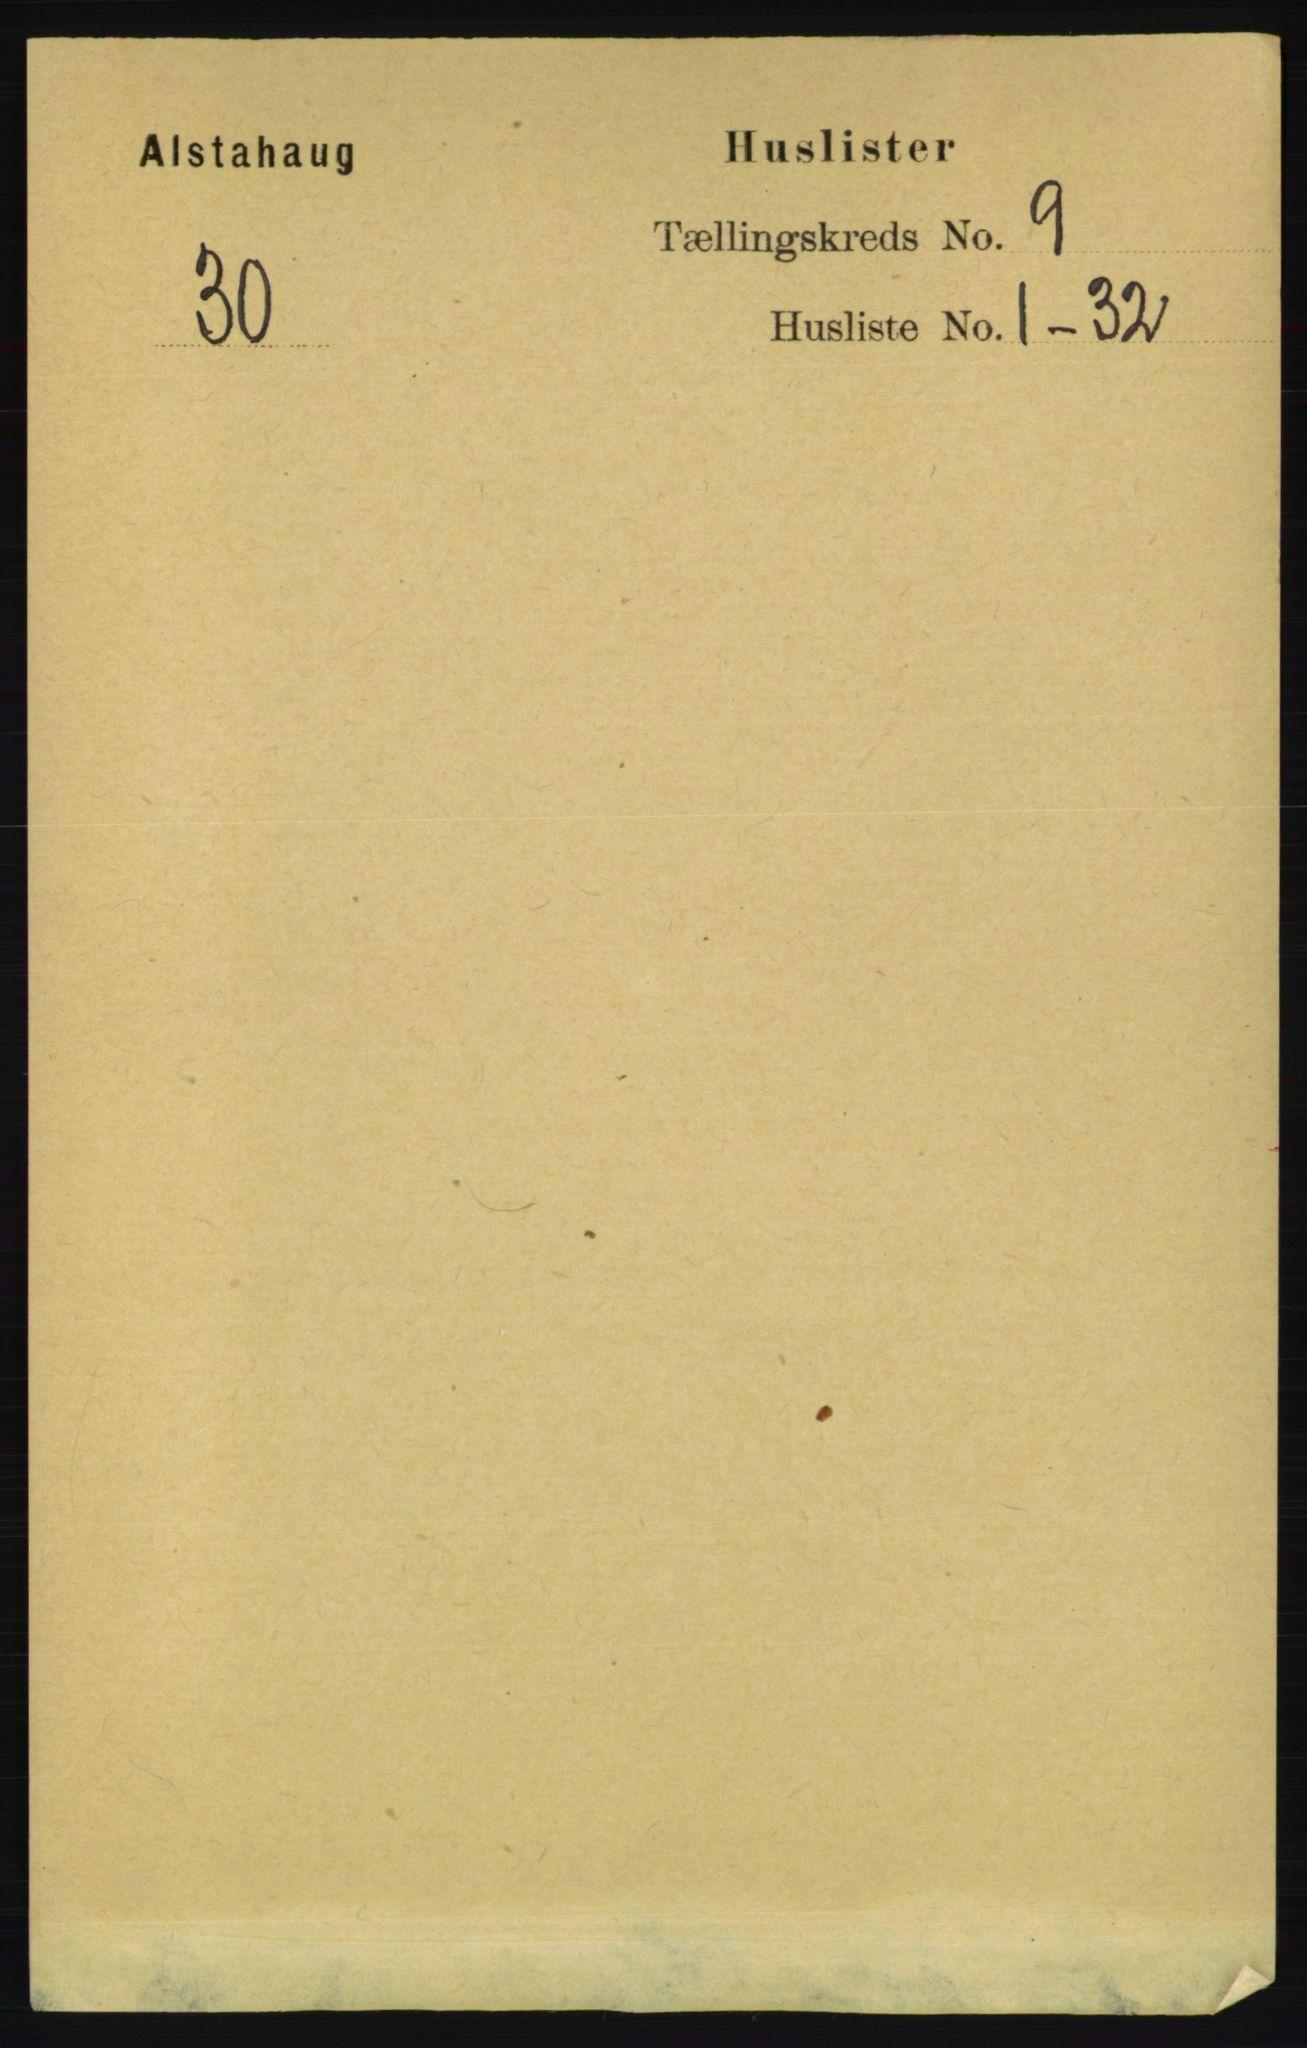 RA, Folketelling 1891 for 1820 Alstahaug herred, 1891, s. 3204